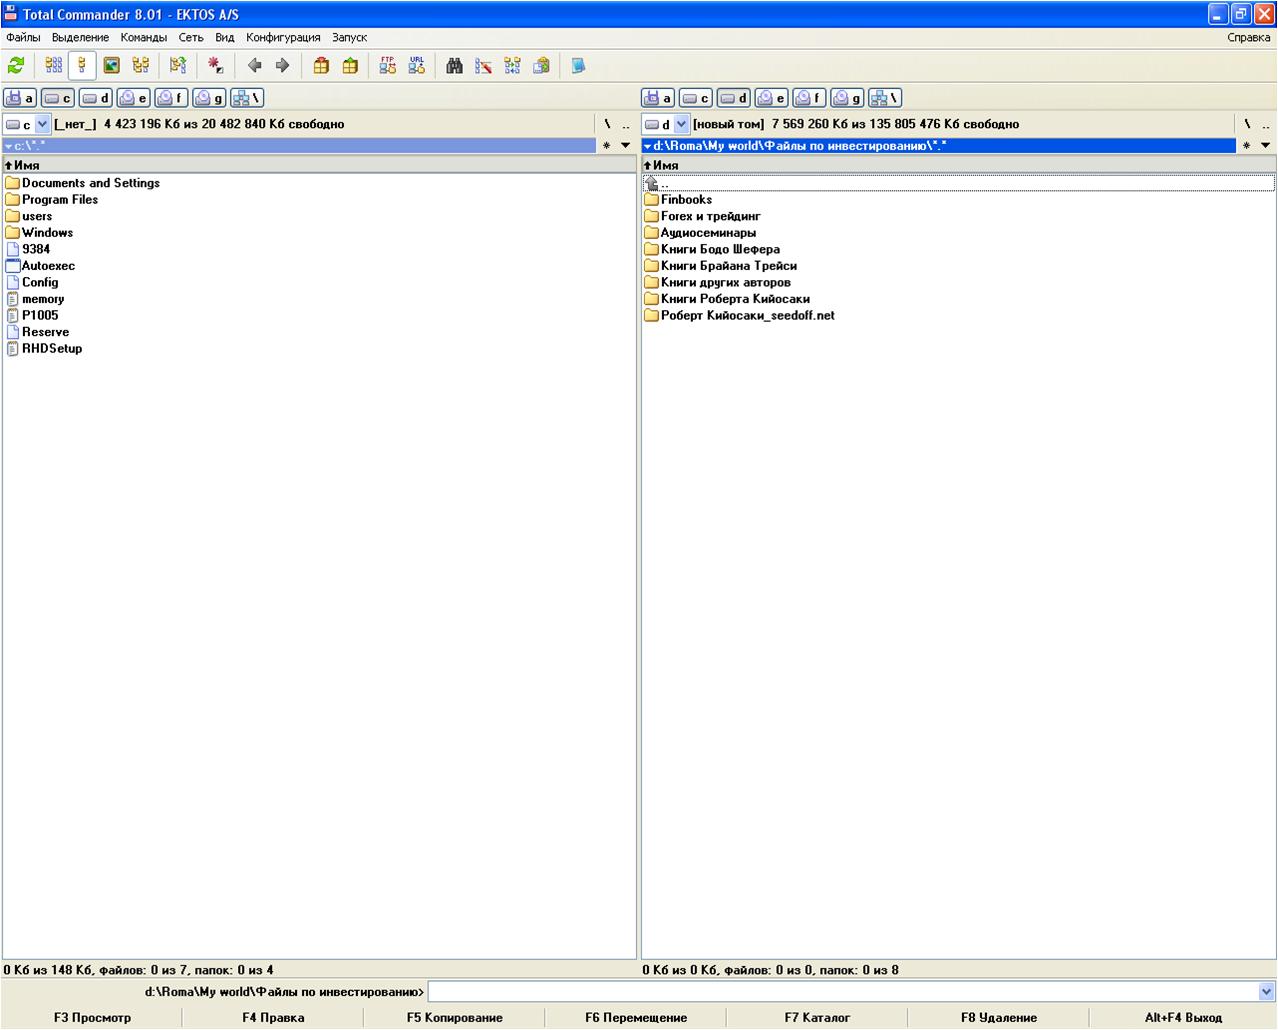 Как настроить программу Тотал Коммандер под себя Библиотека вебмастера 79